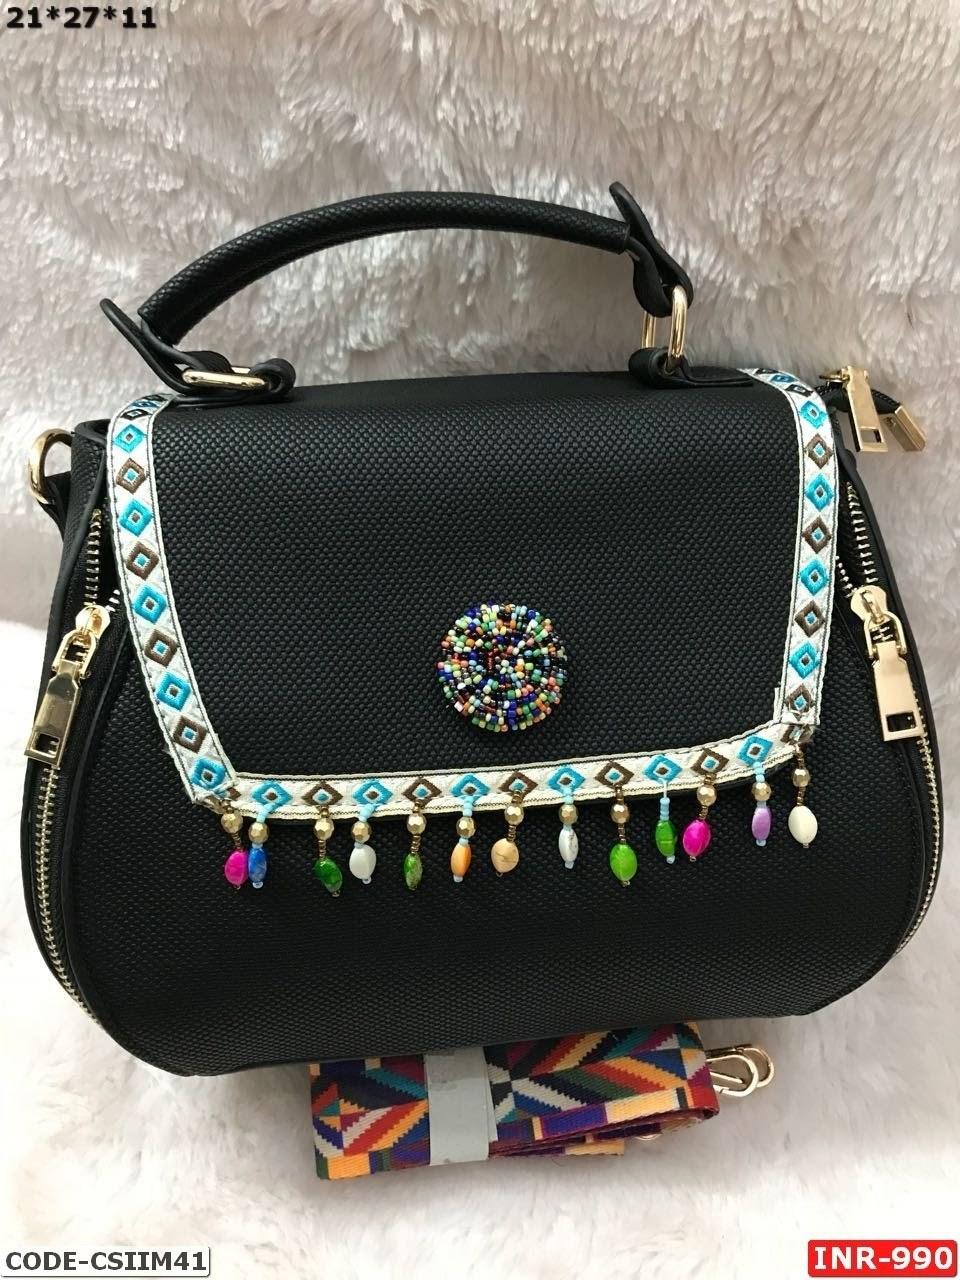 Imported Stylish Bag